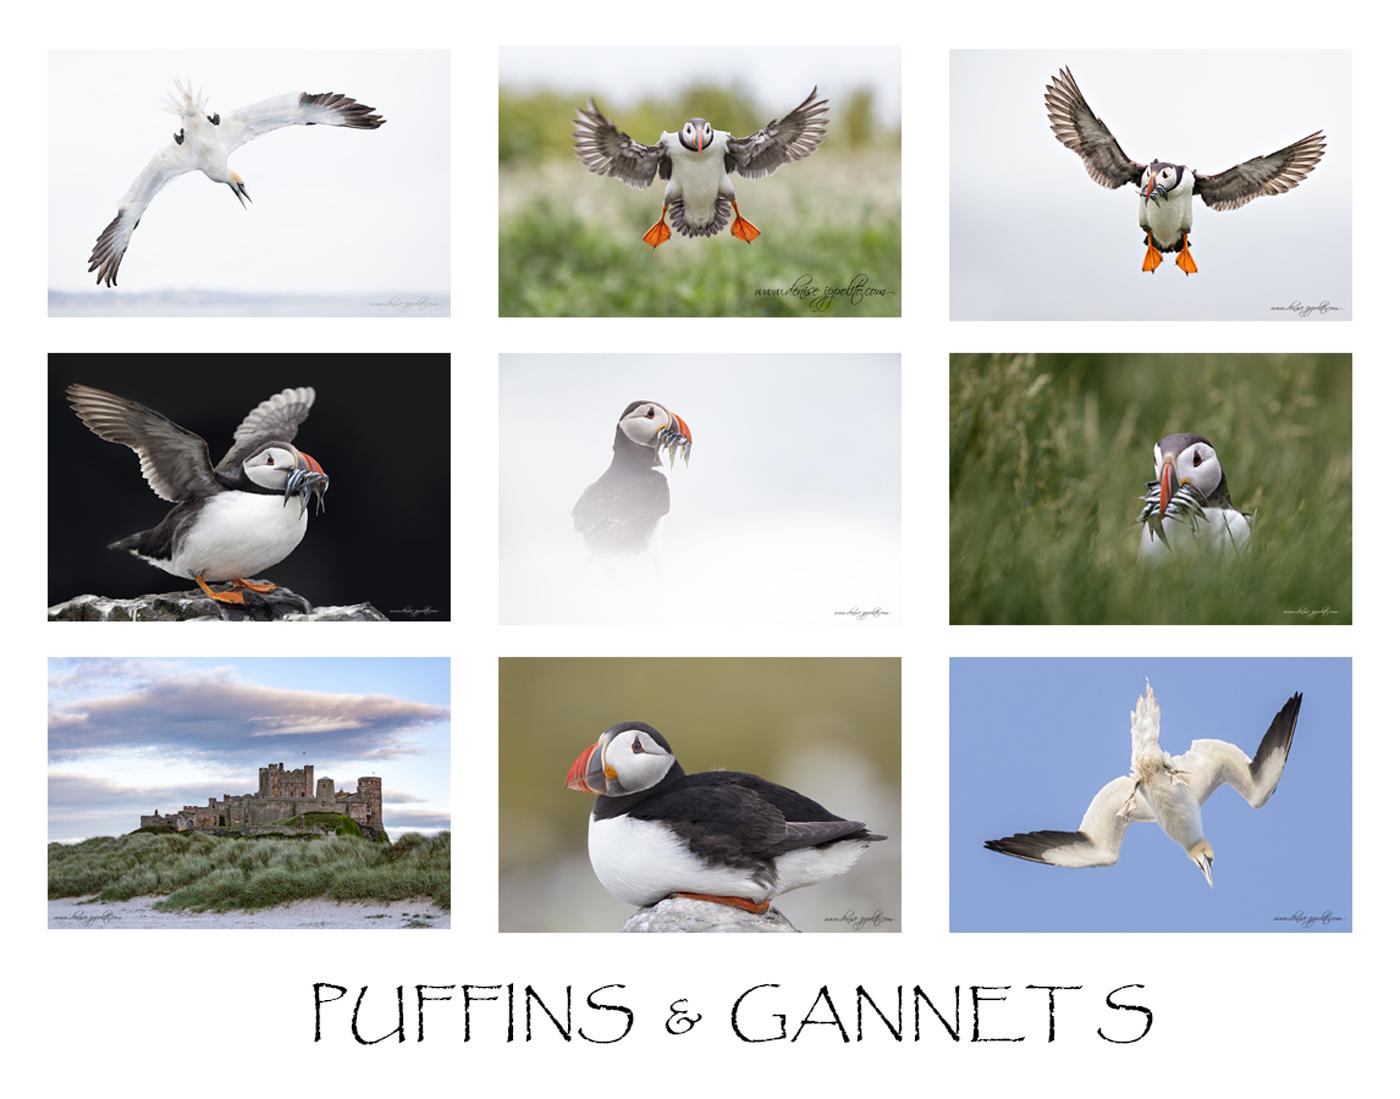 Puffins-&-Gannets-2017.jpg